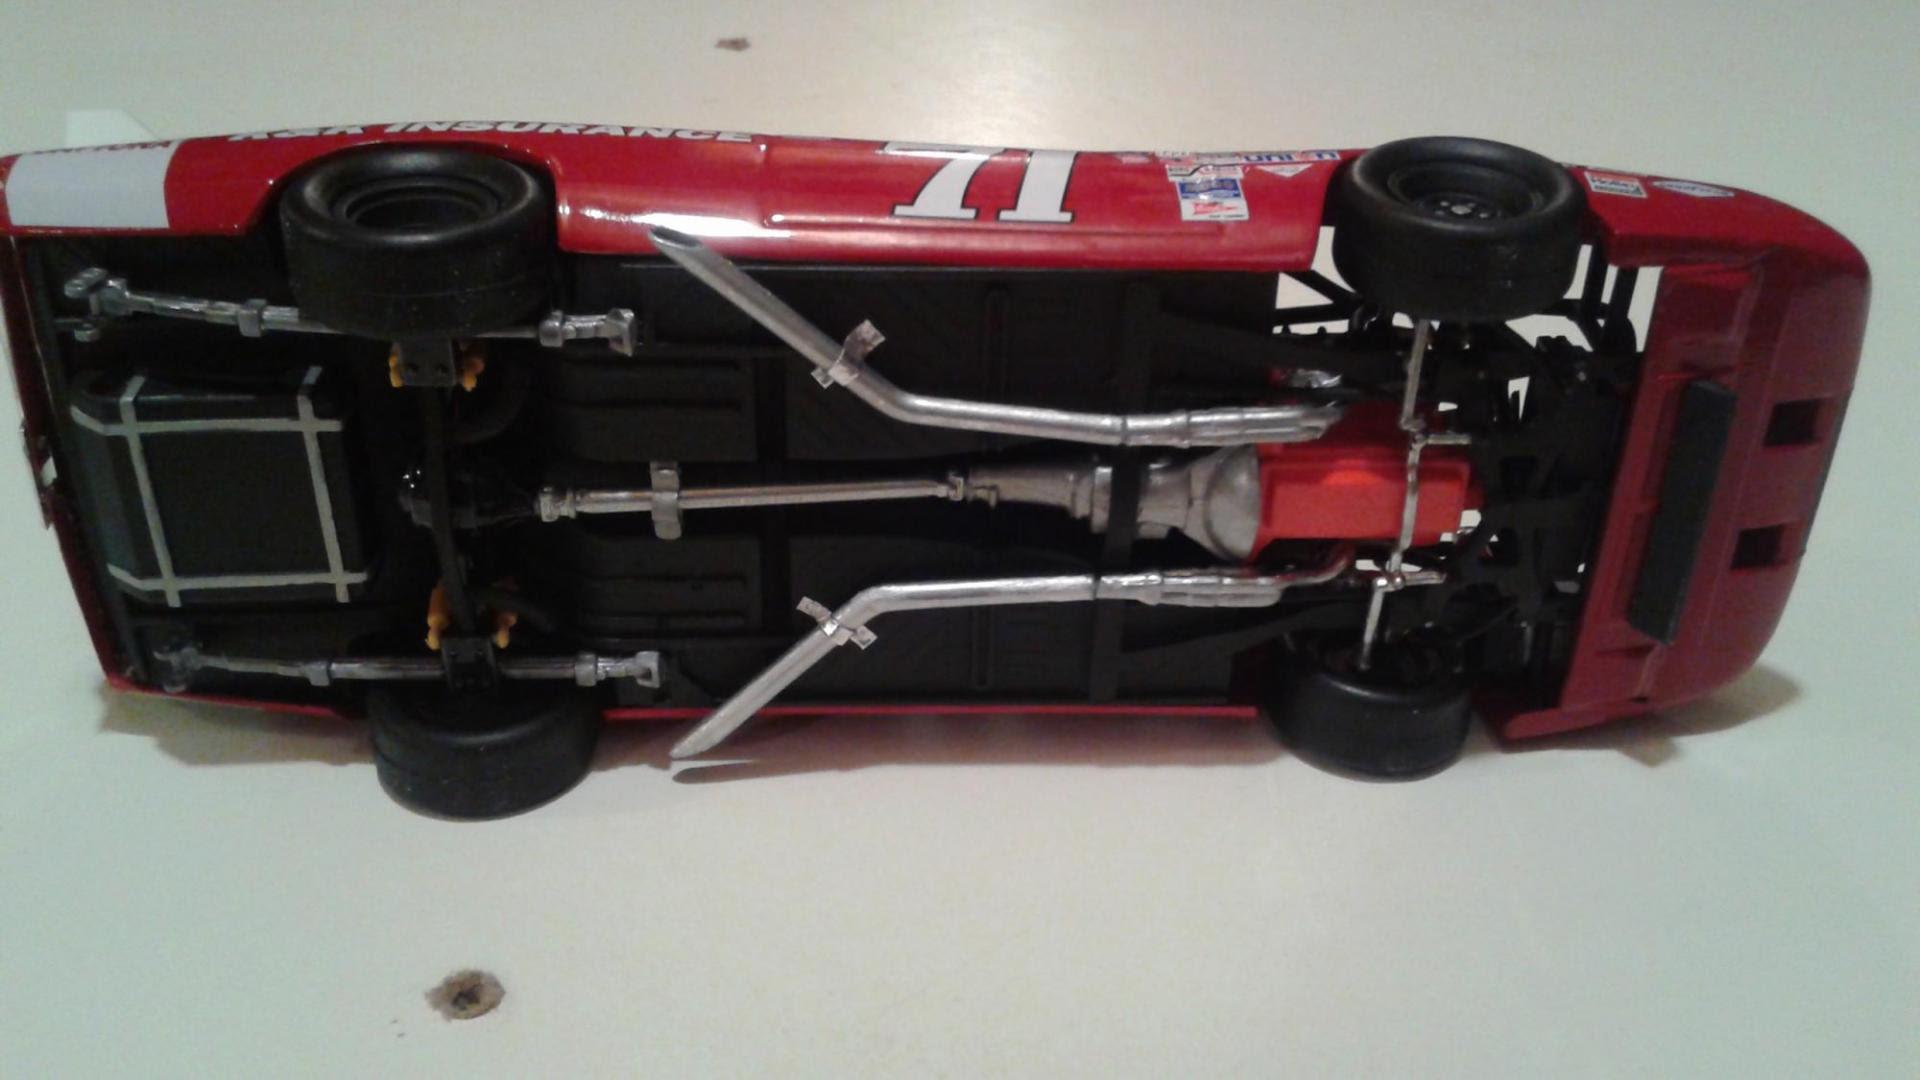 1969 K&K Insurance Dodge Daytona - NASCAR - Model Cars ...